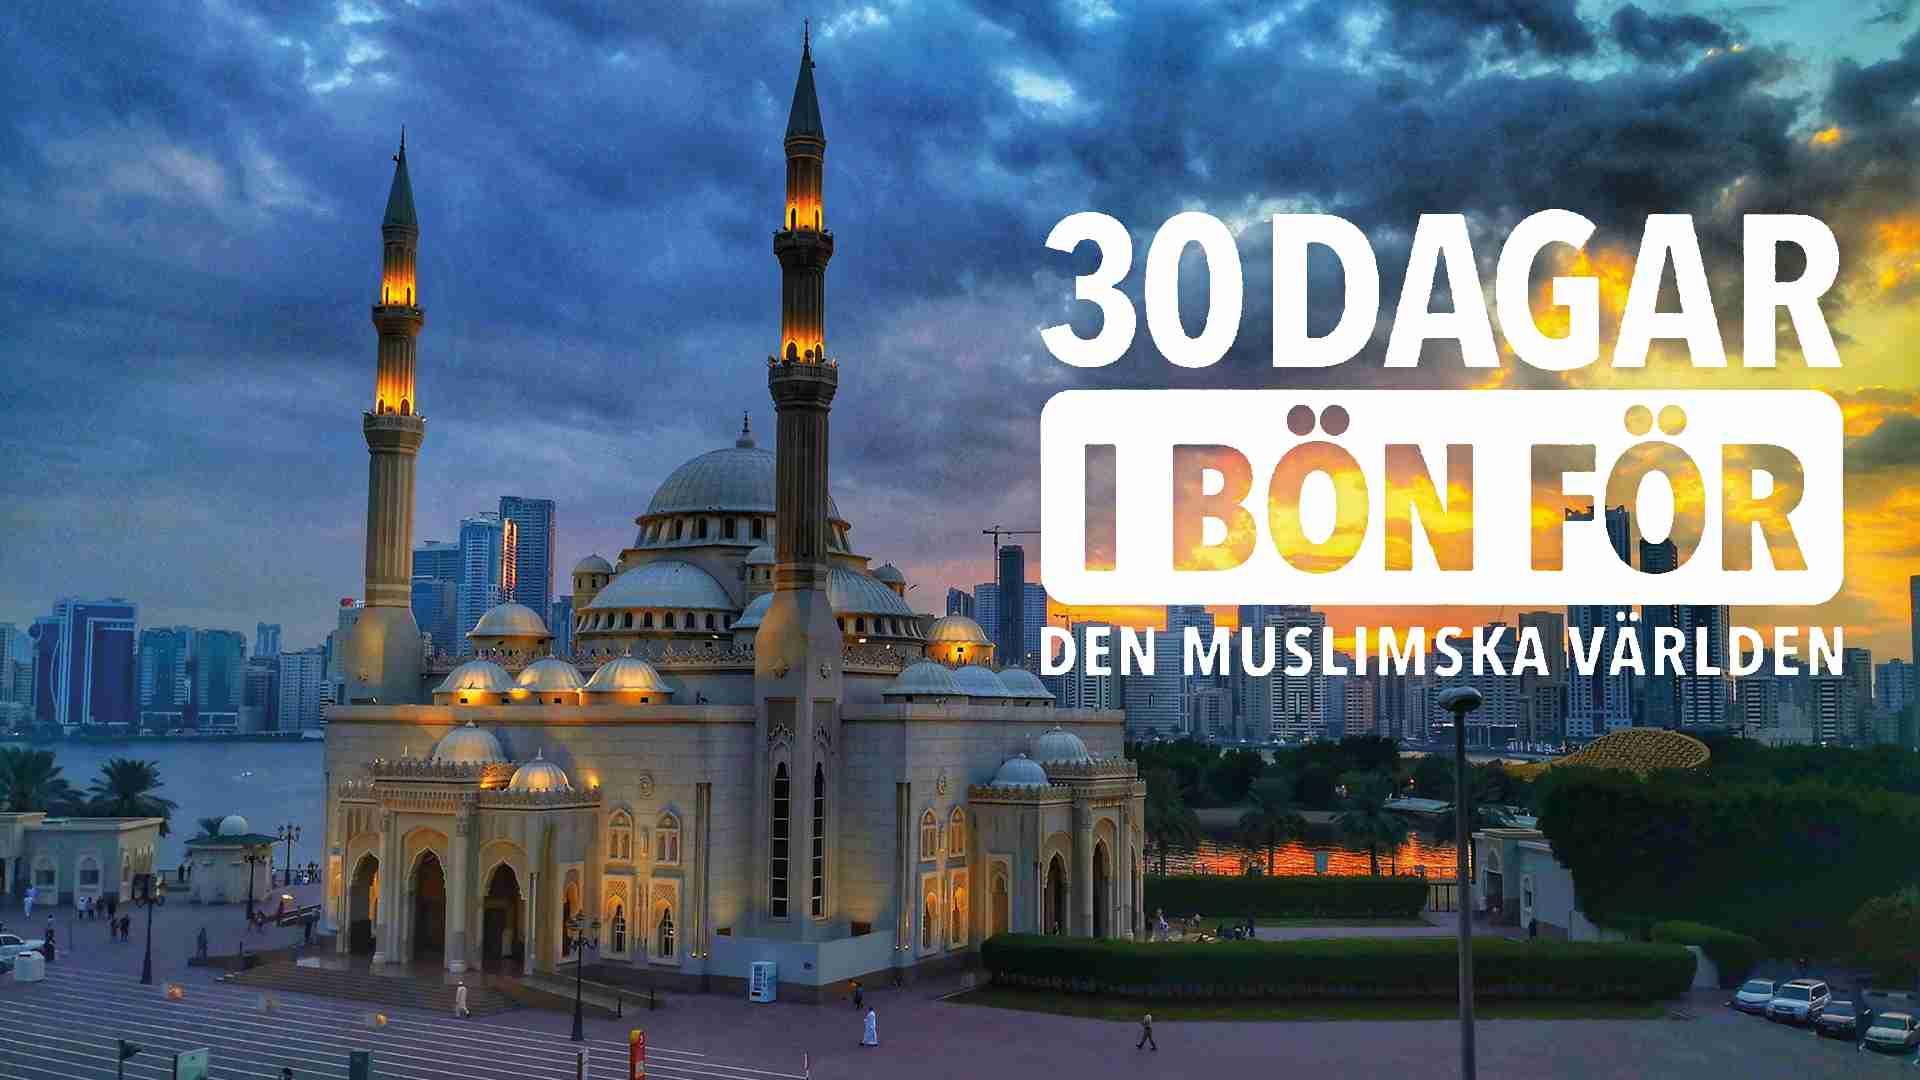 30 dagar i bön för den muslimska världen!